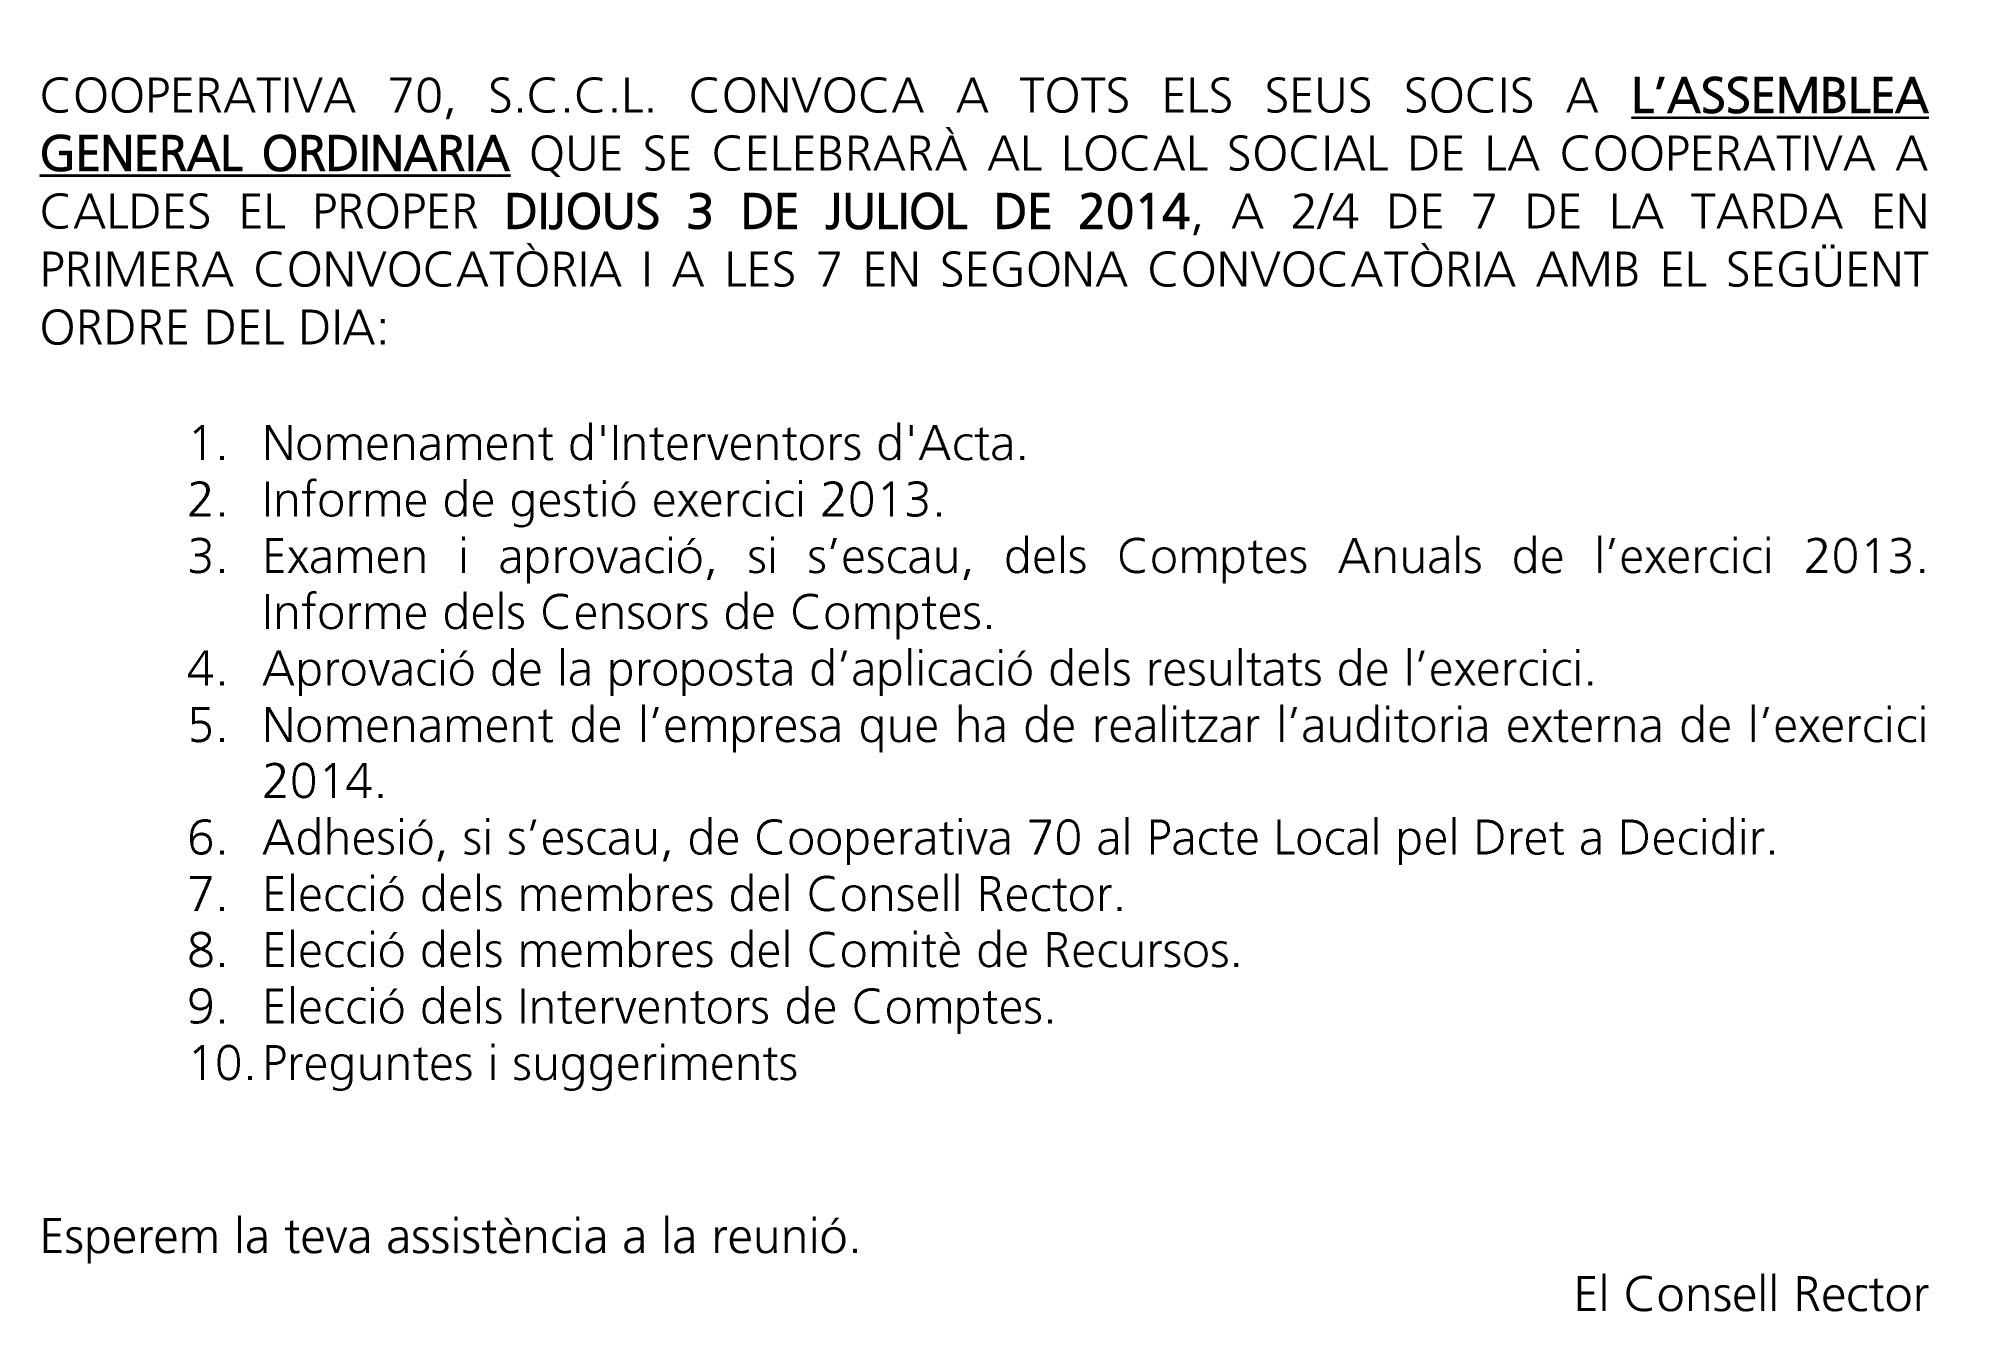 COOPERATIVA 70, S